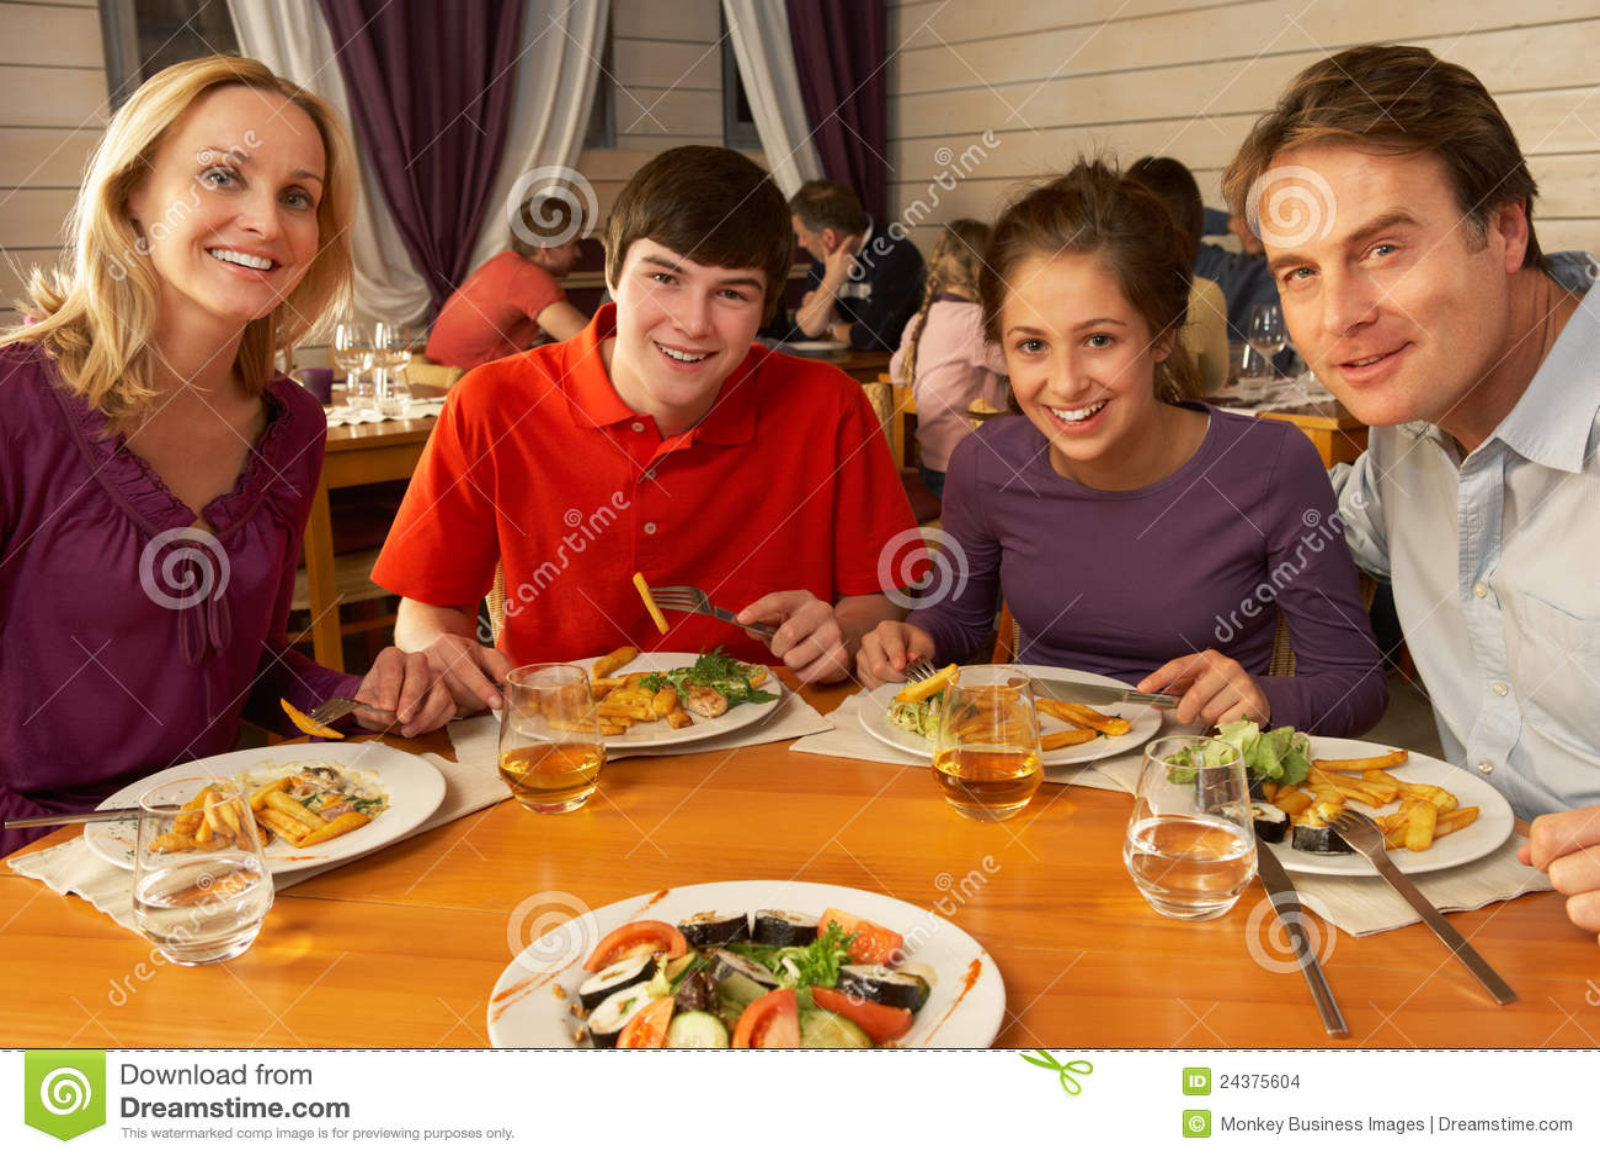 Семейная пара с подростком 7 фотография